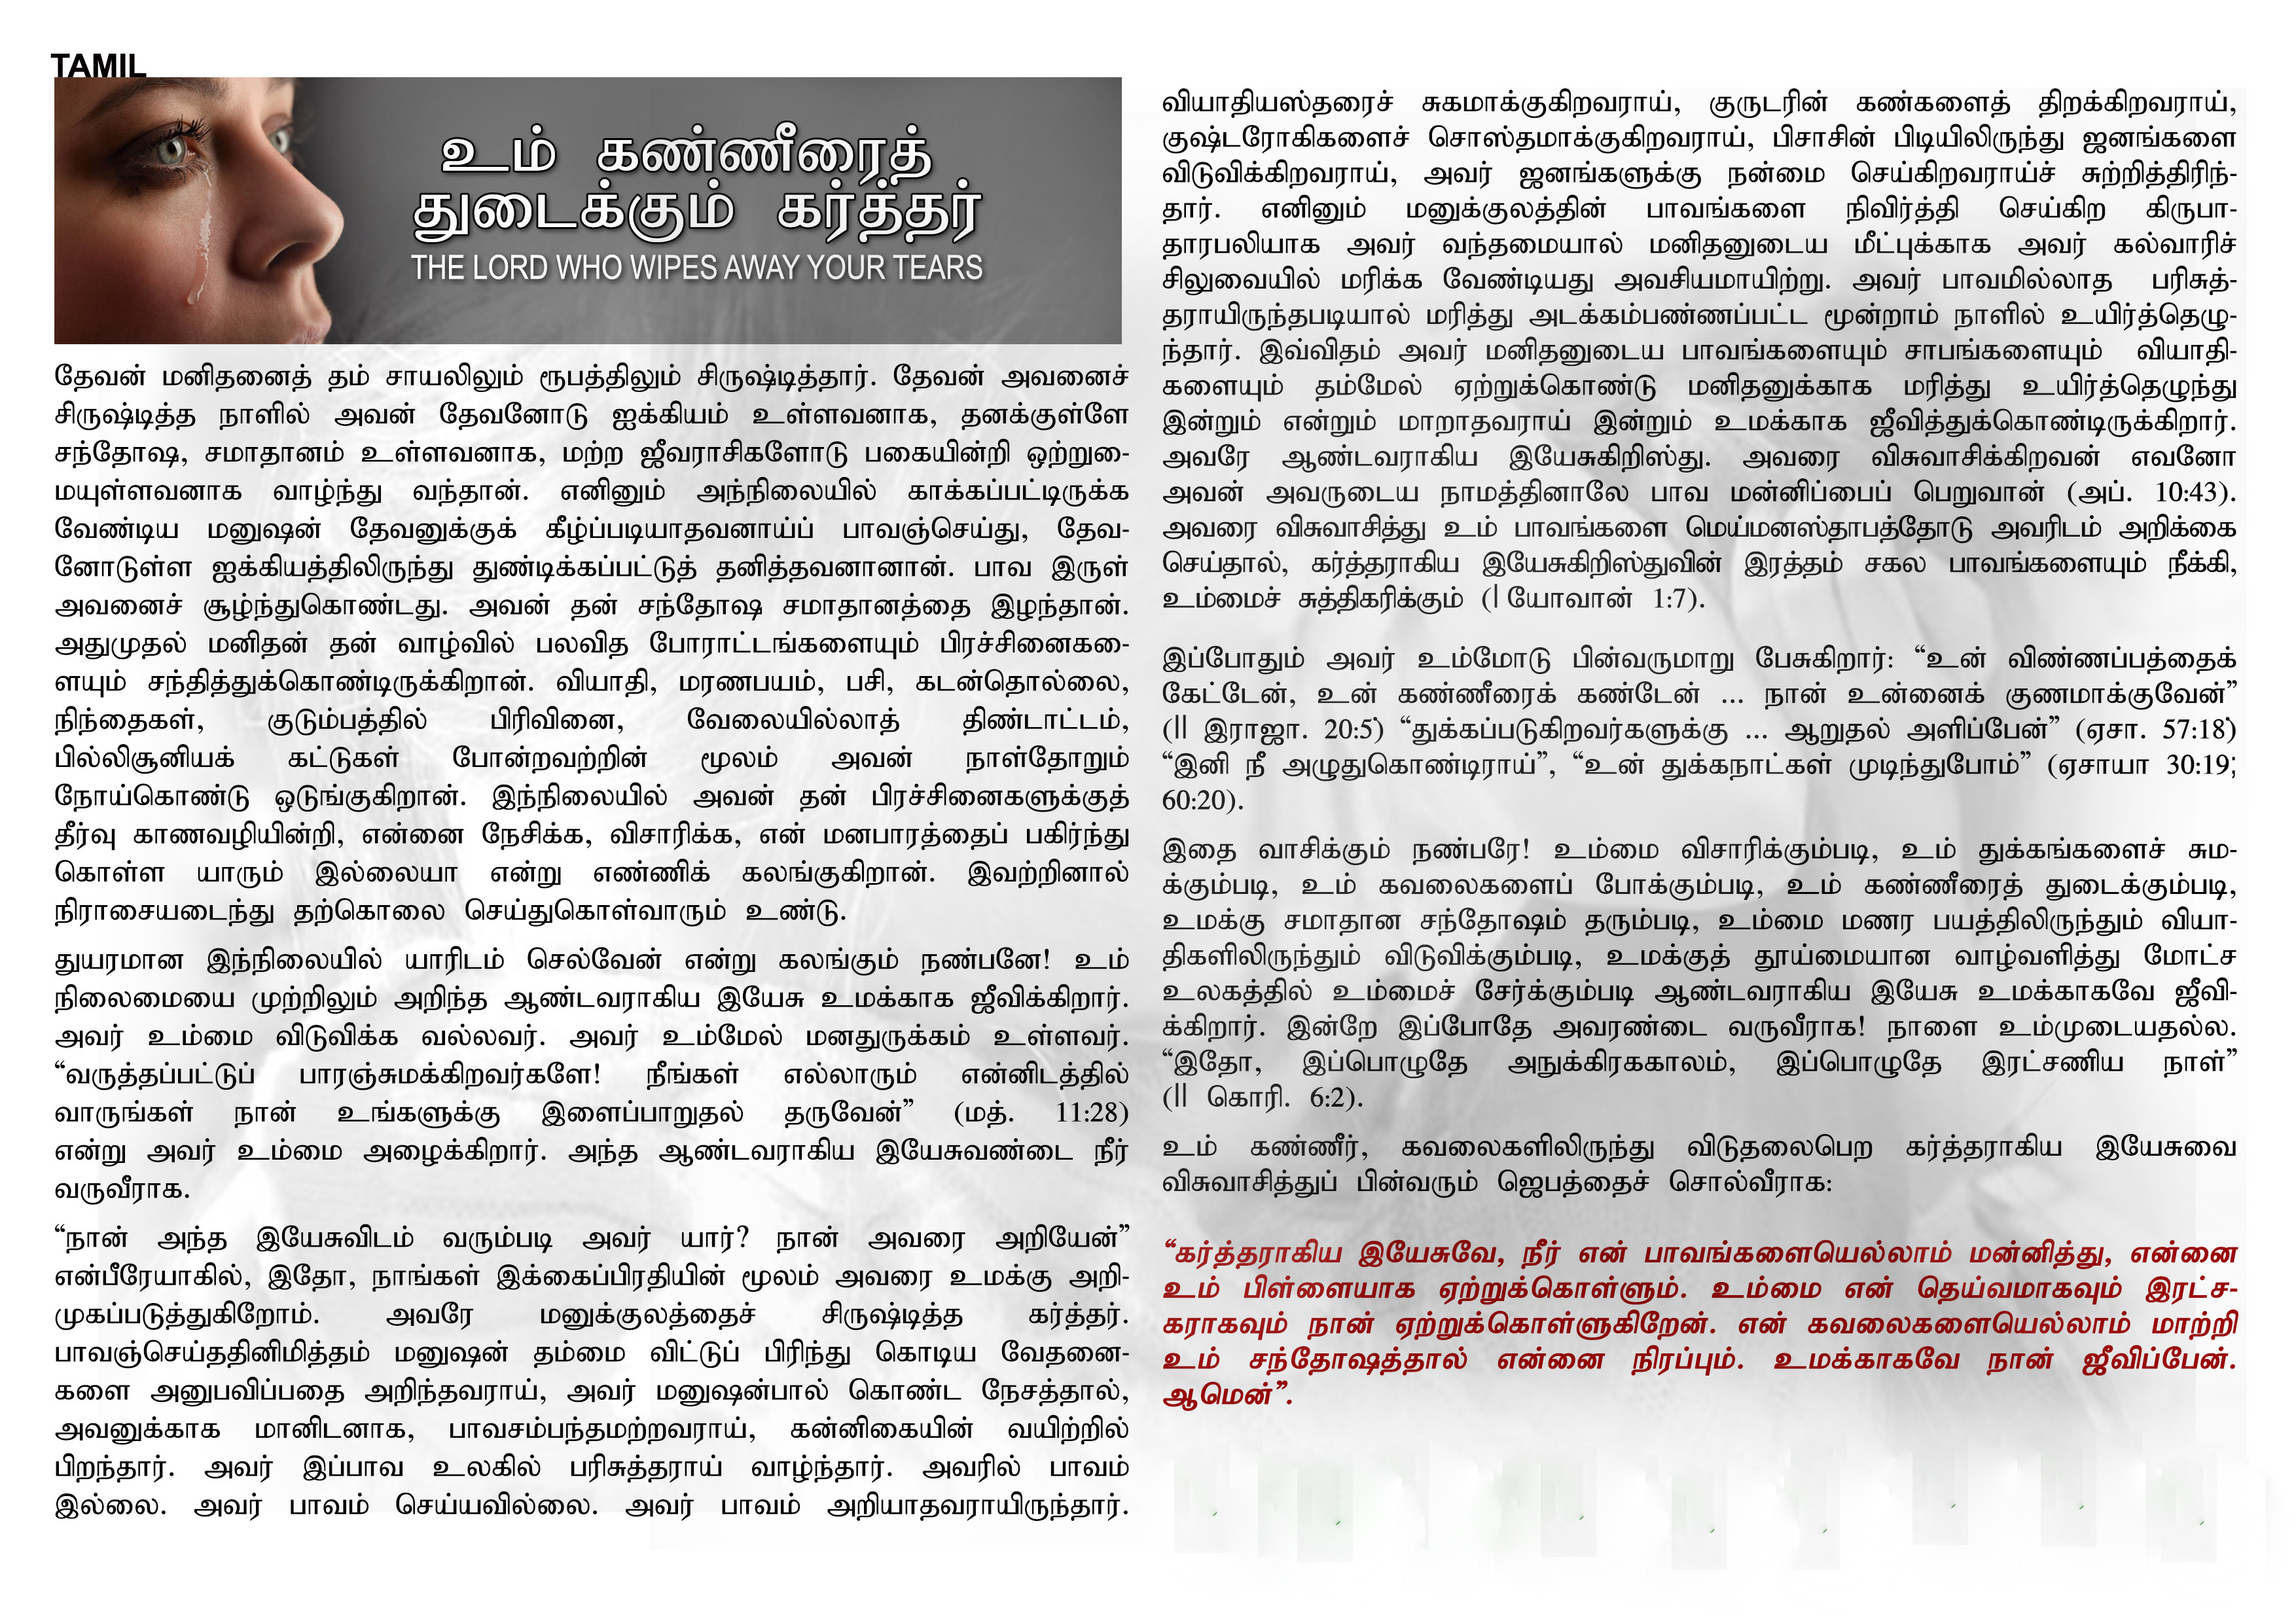 Um-kanneerai-thudaikum-thevan-tamil1